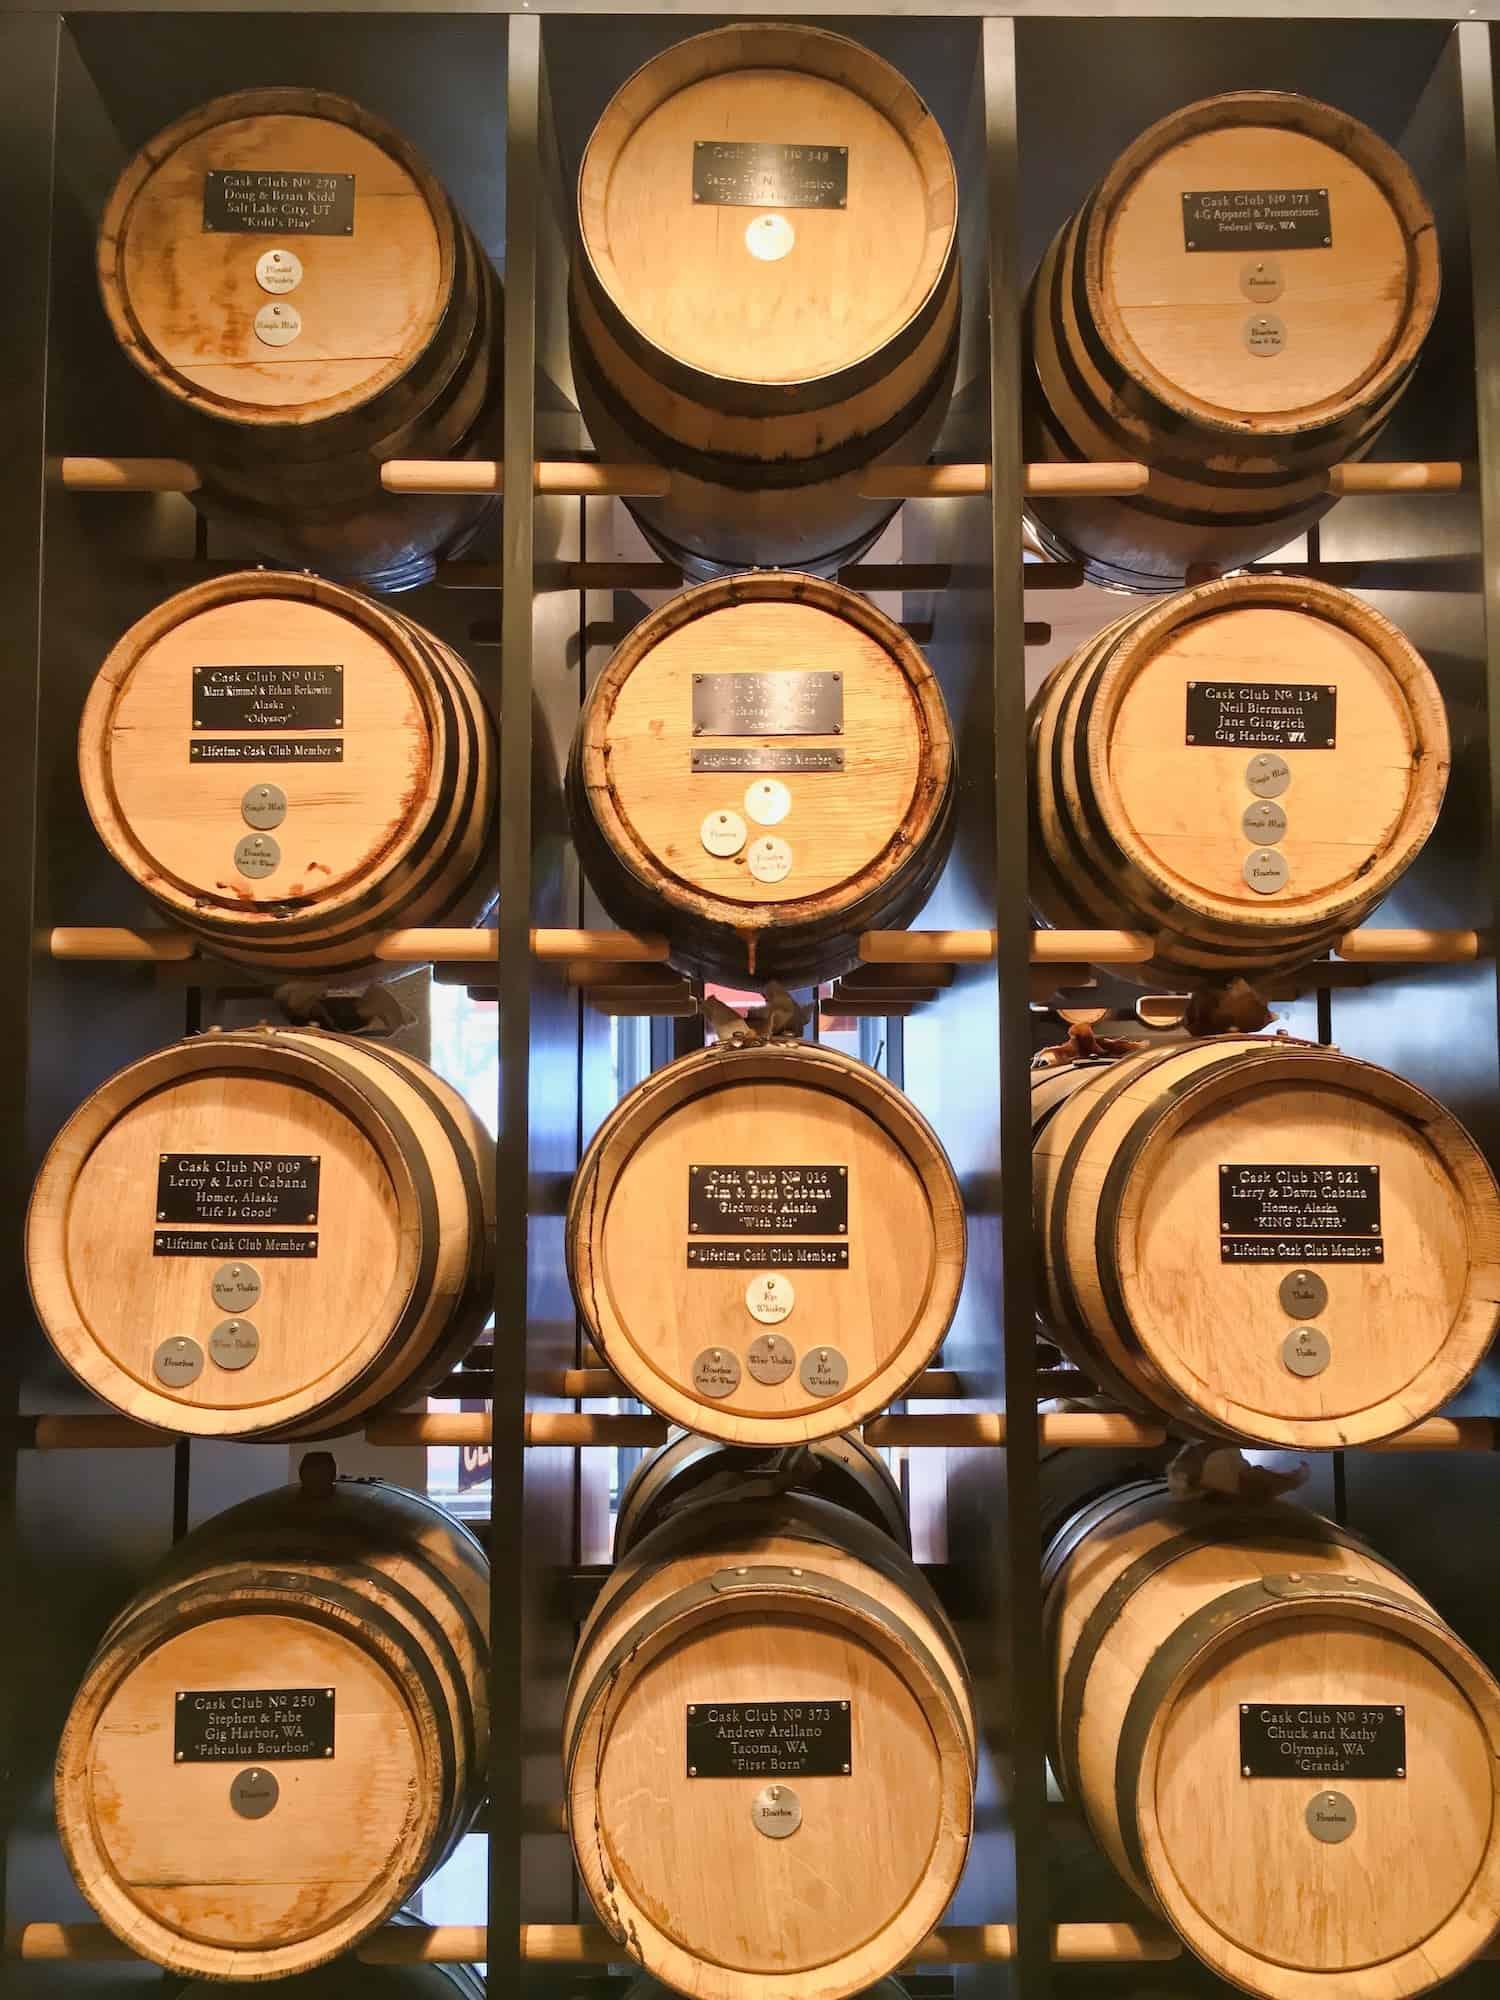 Gig Harbor - Heritage Distilling